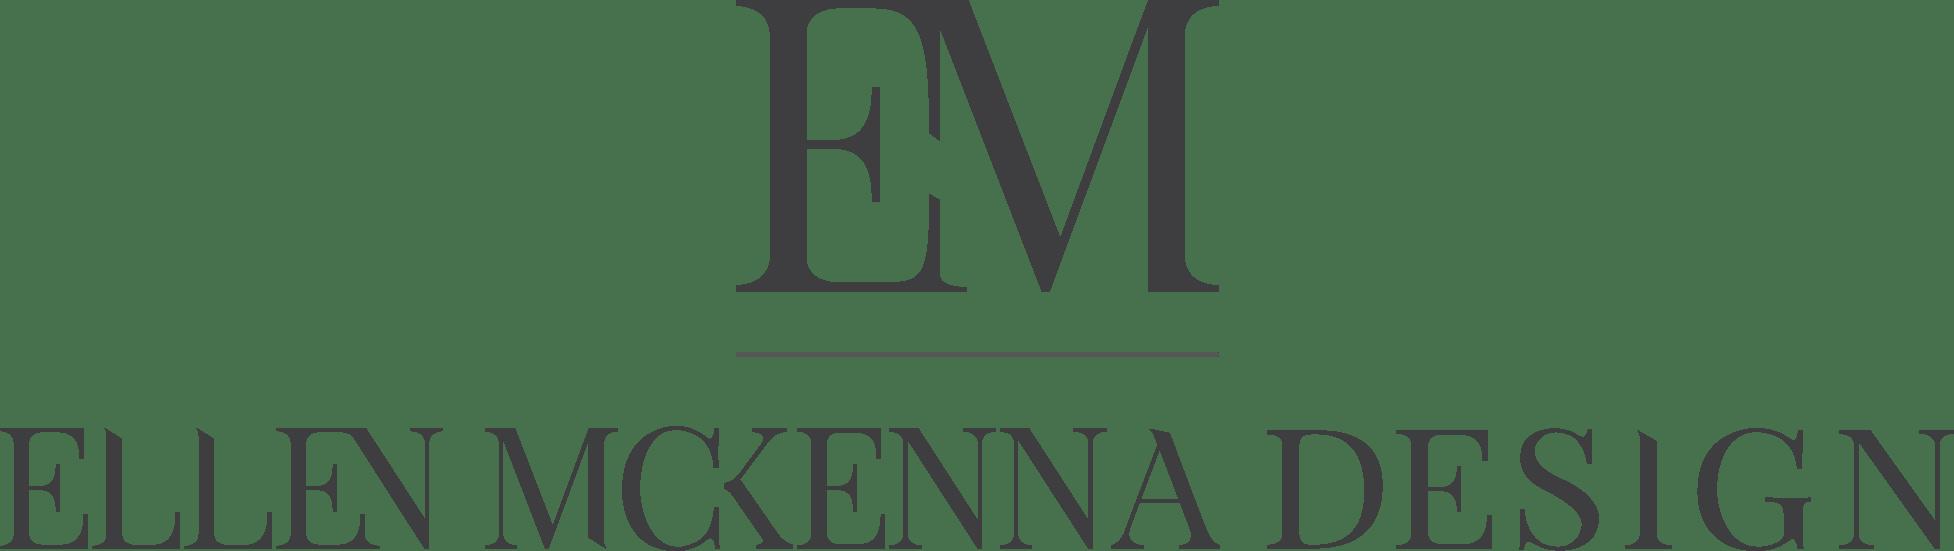 Ellen McKenna Design logo